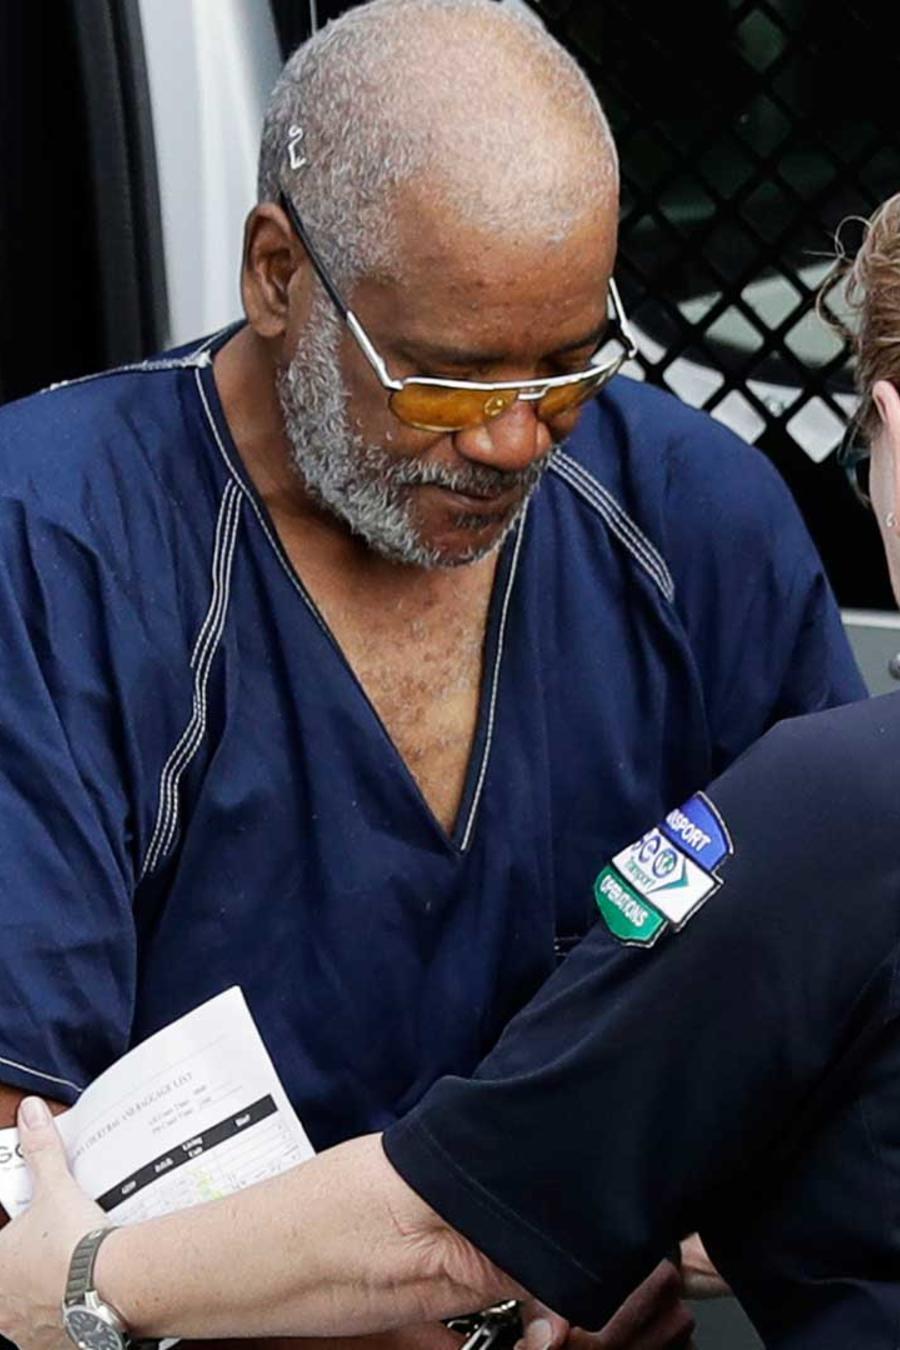 El conductor del camión de San Antonio, Texas, James Mathew Bradley Jr., a su llegada a la corte el lunes 24 de julio del 2017.